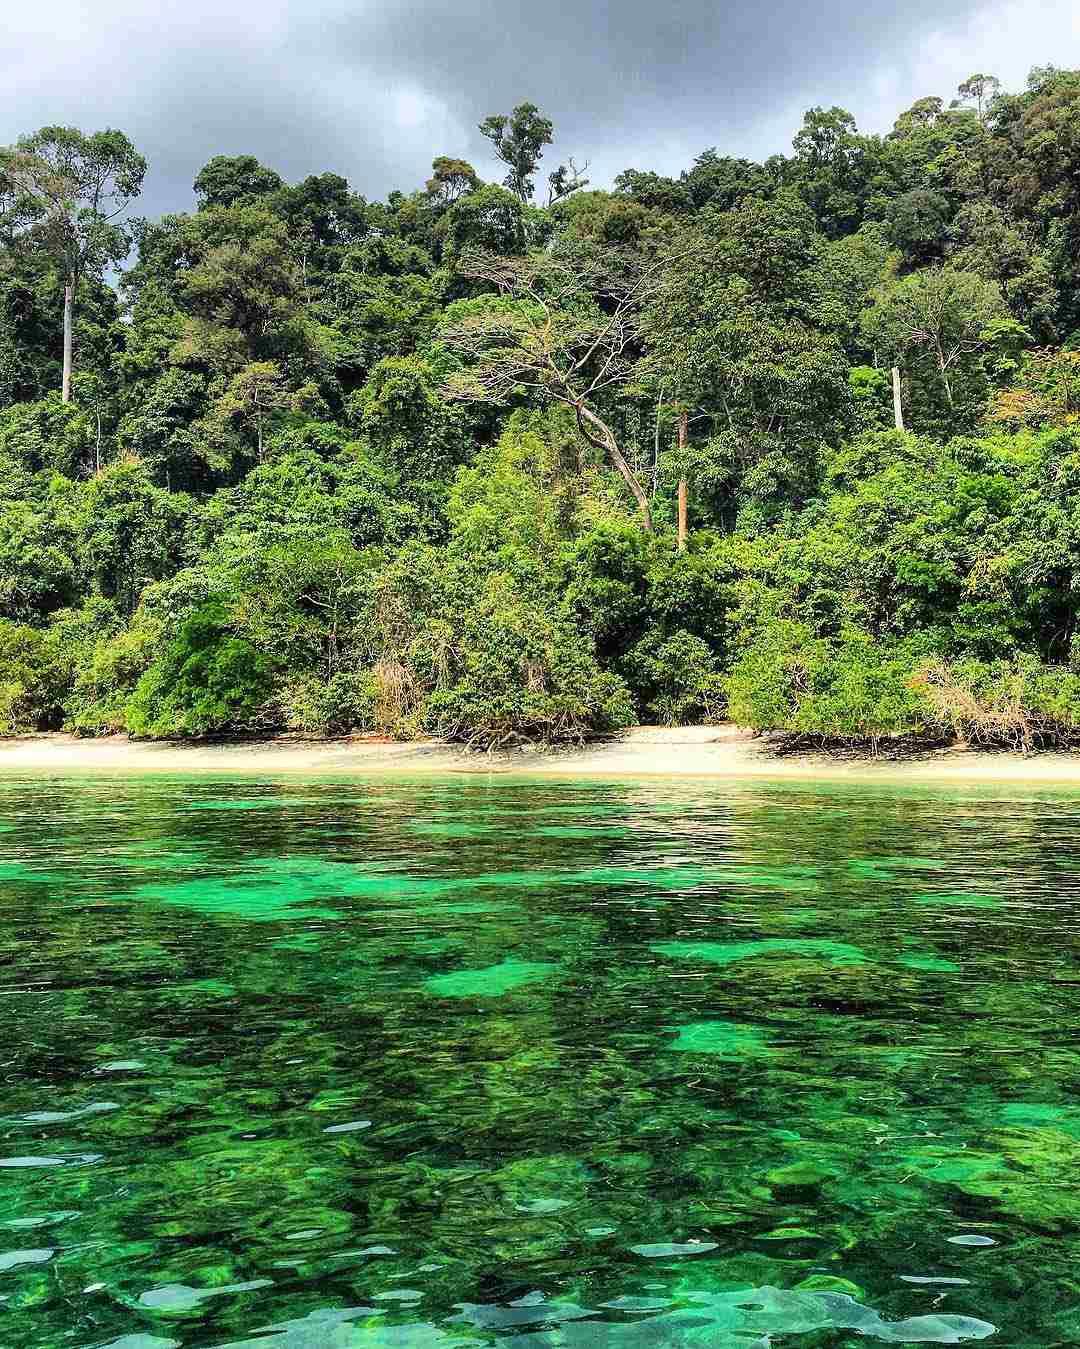 Groenblauw water in het Tarutao National Park